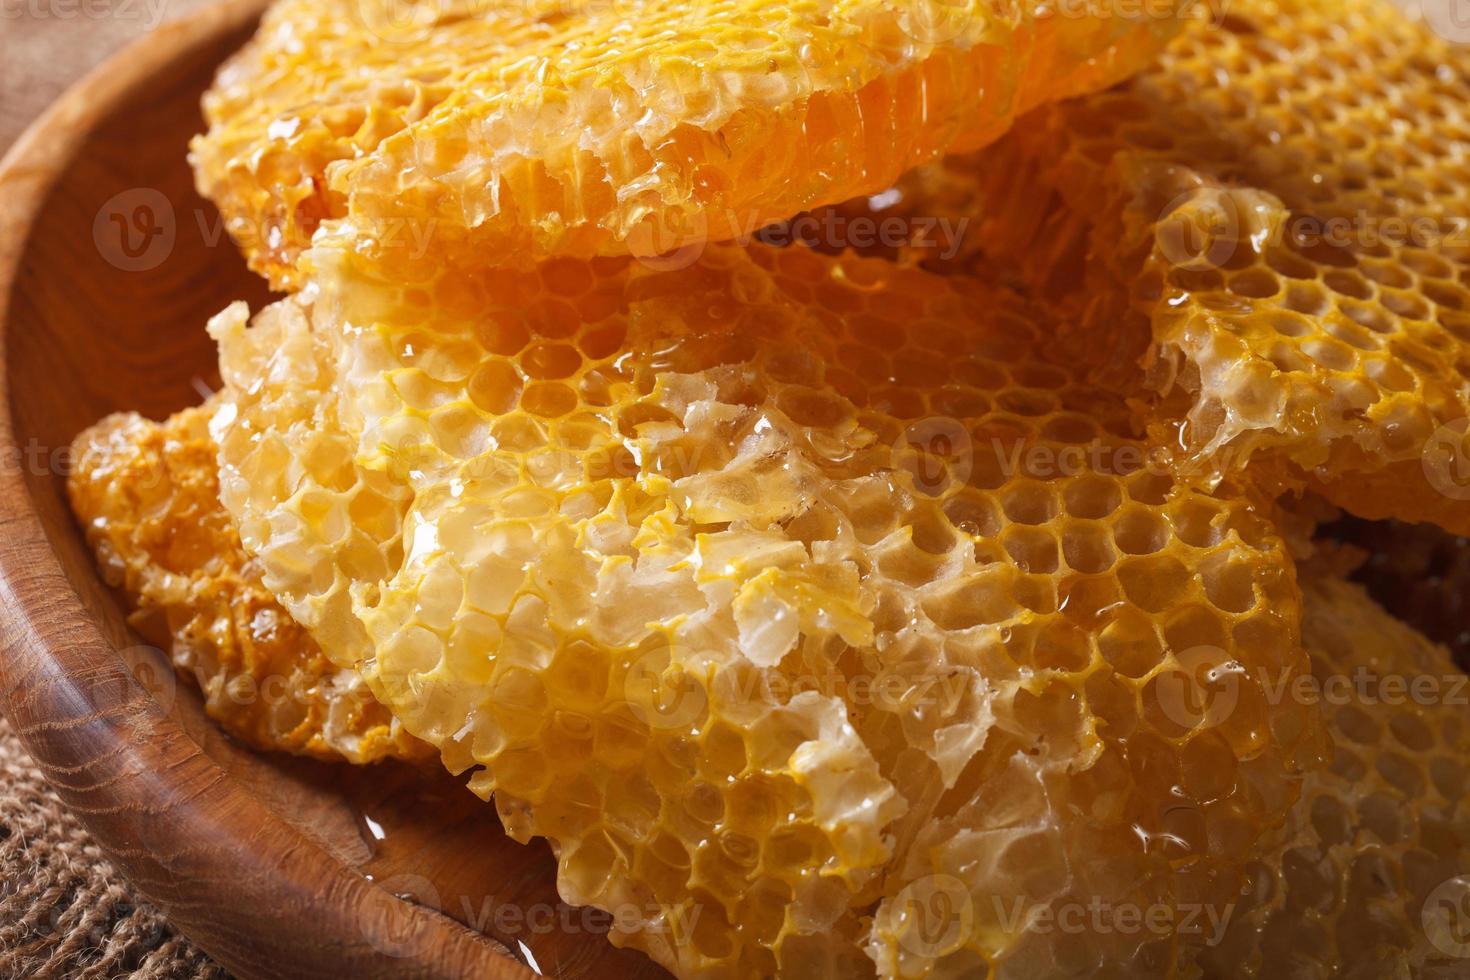 nid d'abeille doré frais sur macro de plaque de bois. horizontal photo